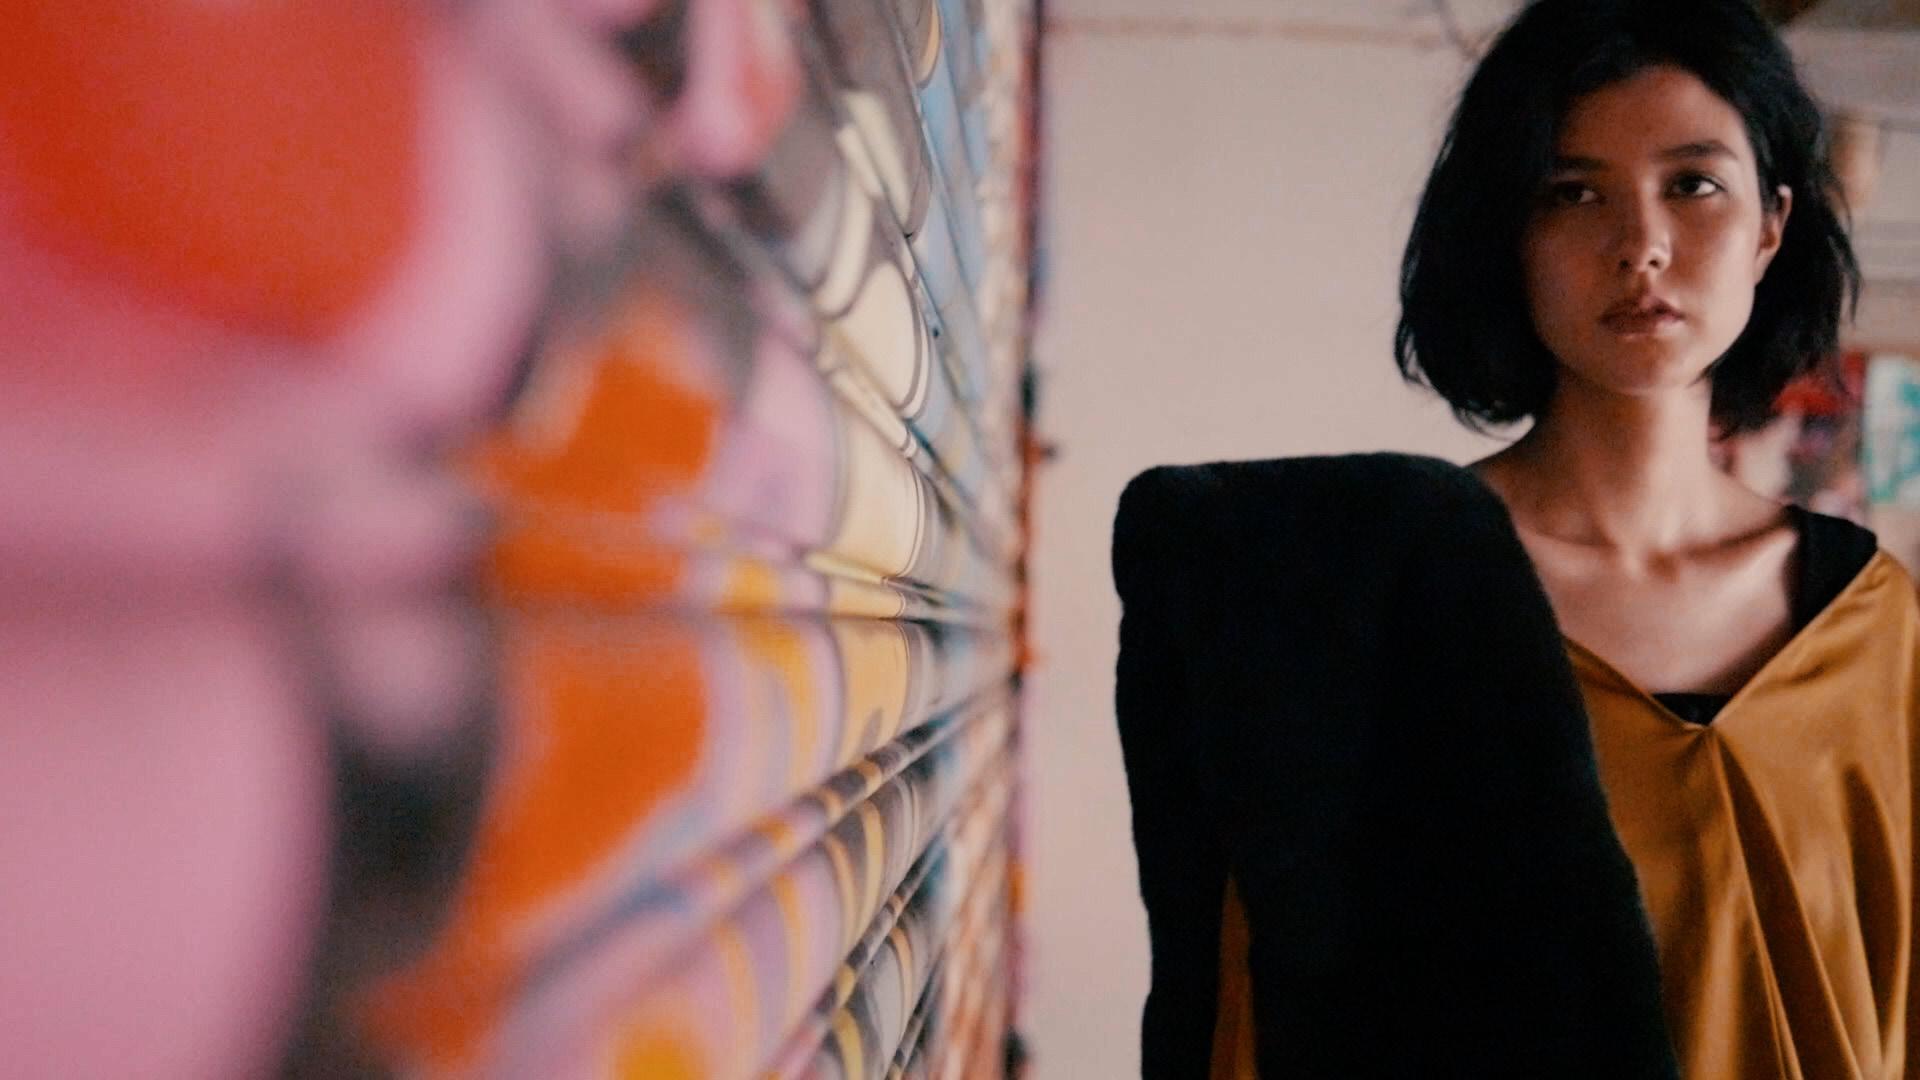 【トレンドを先取る色vol.3】アートに着映える「マスタードカラー」が主役のイマドキコーデに挑戦!